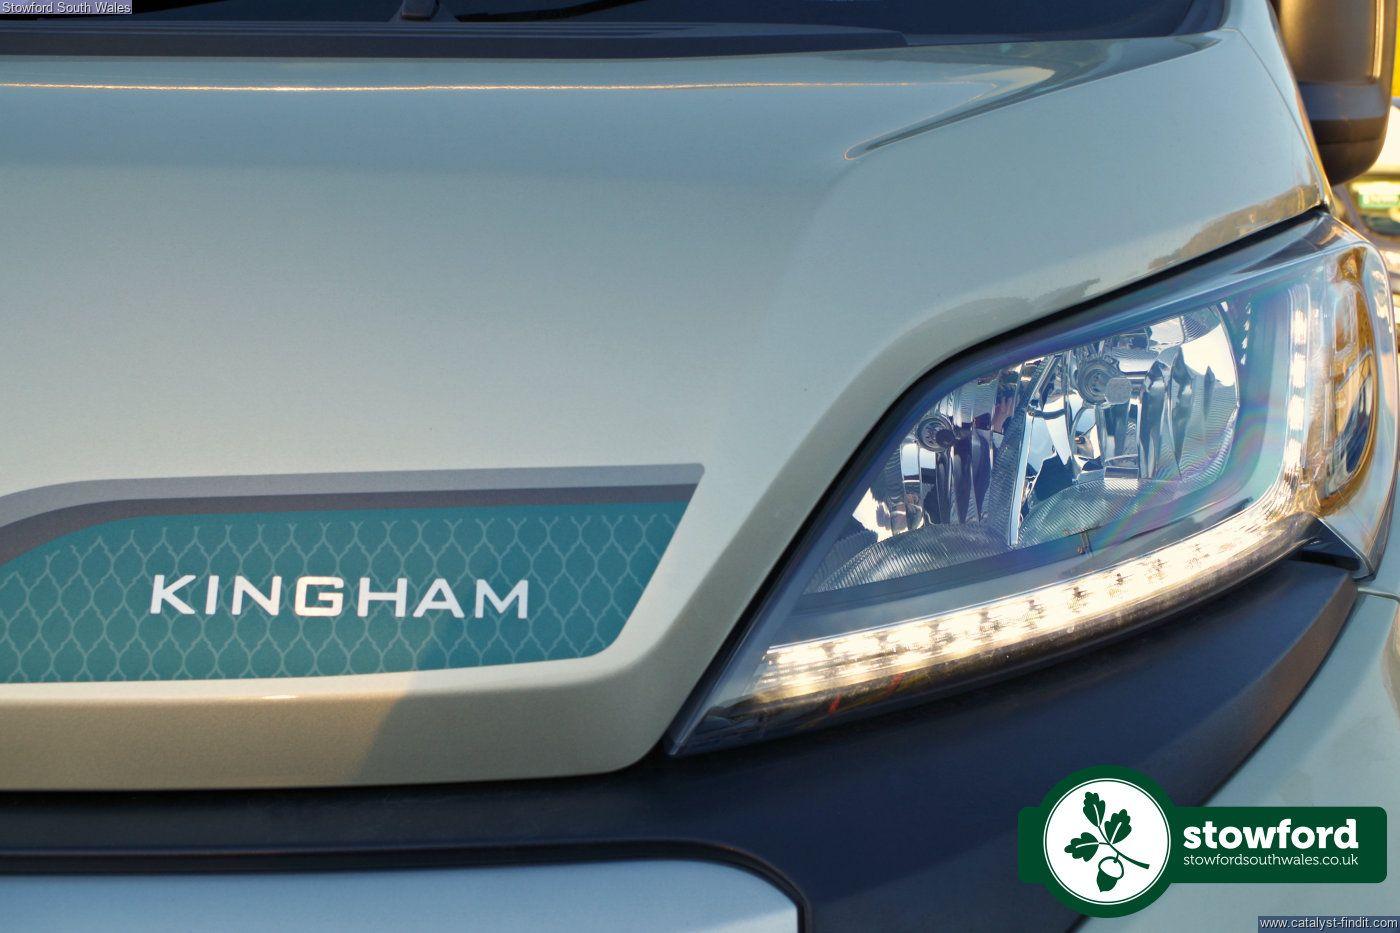 Auto-Sleepers Auto-Sleeper Kingham 2020